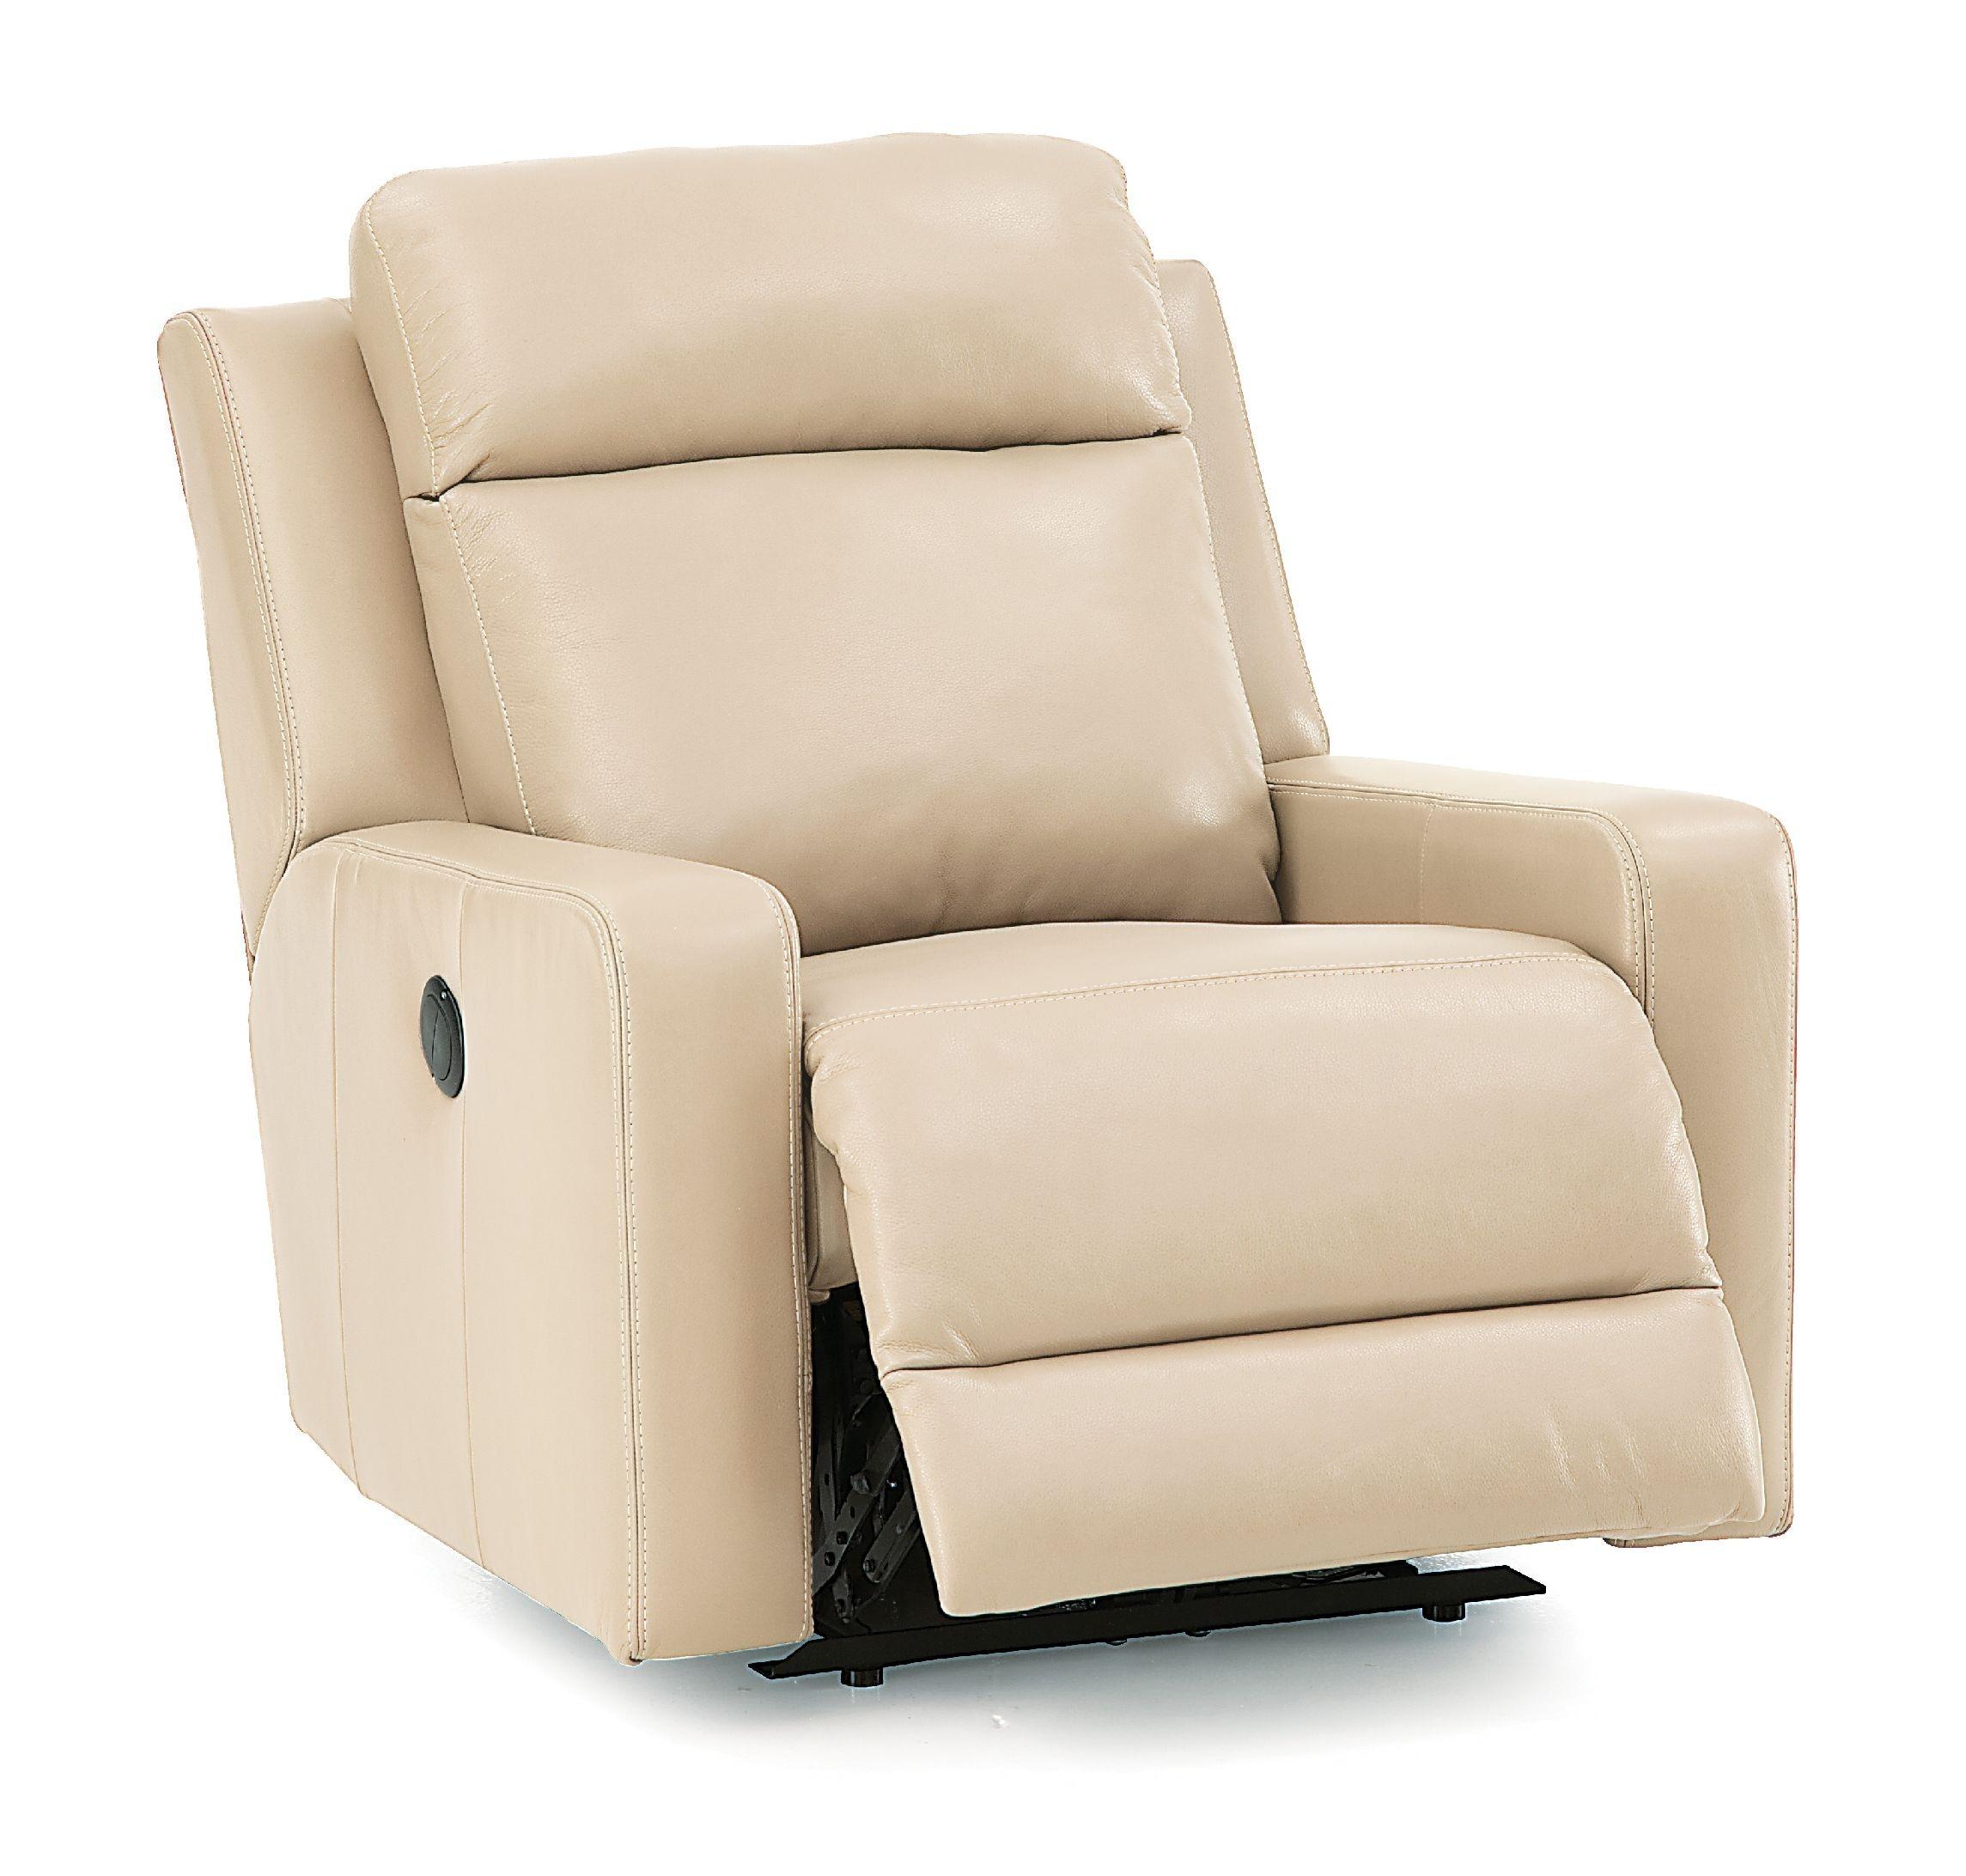 Palliser Furniture Rocker Recliner Chair 41032 32